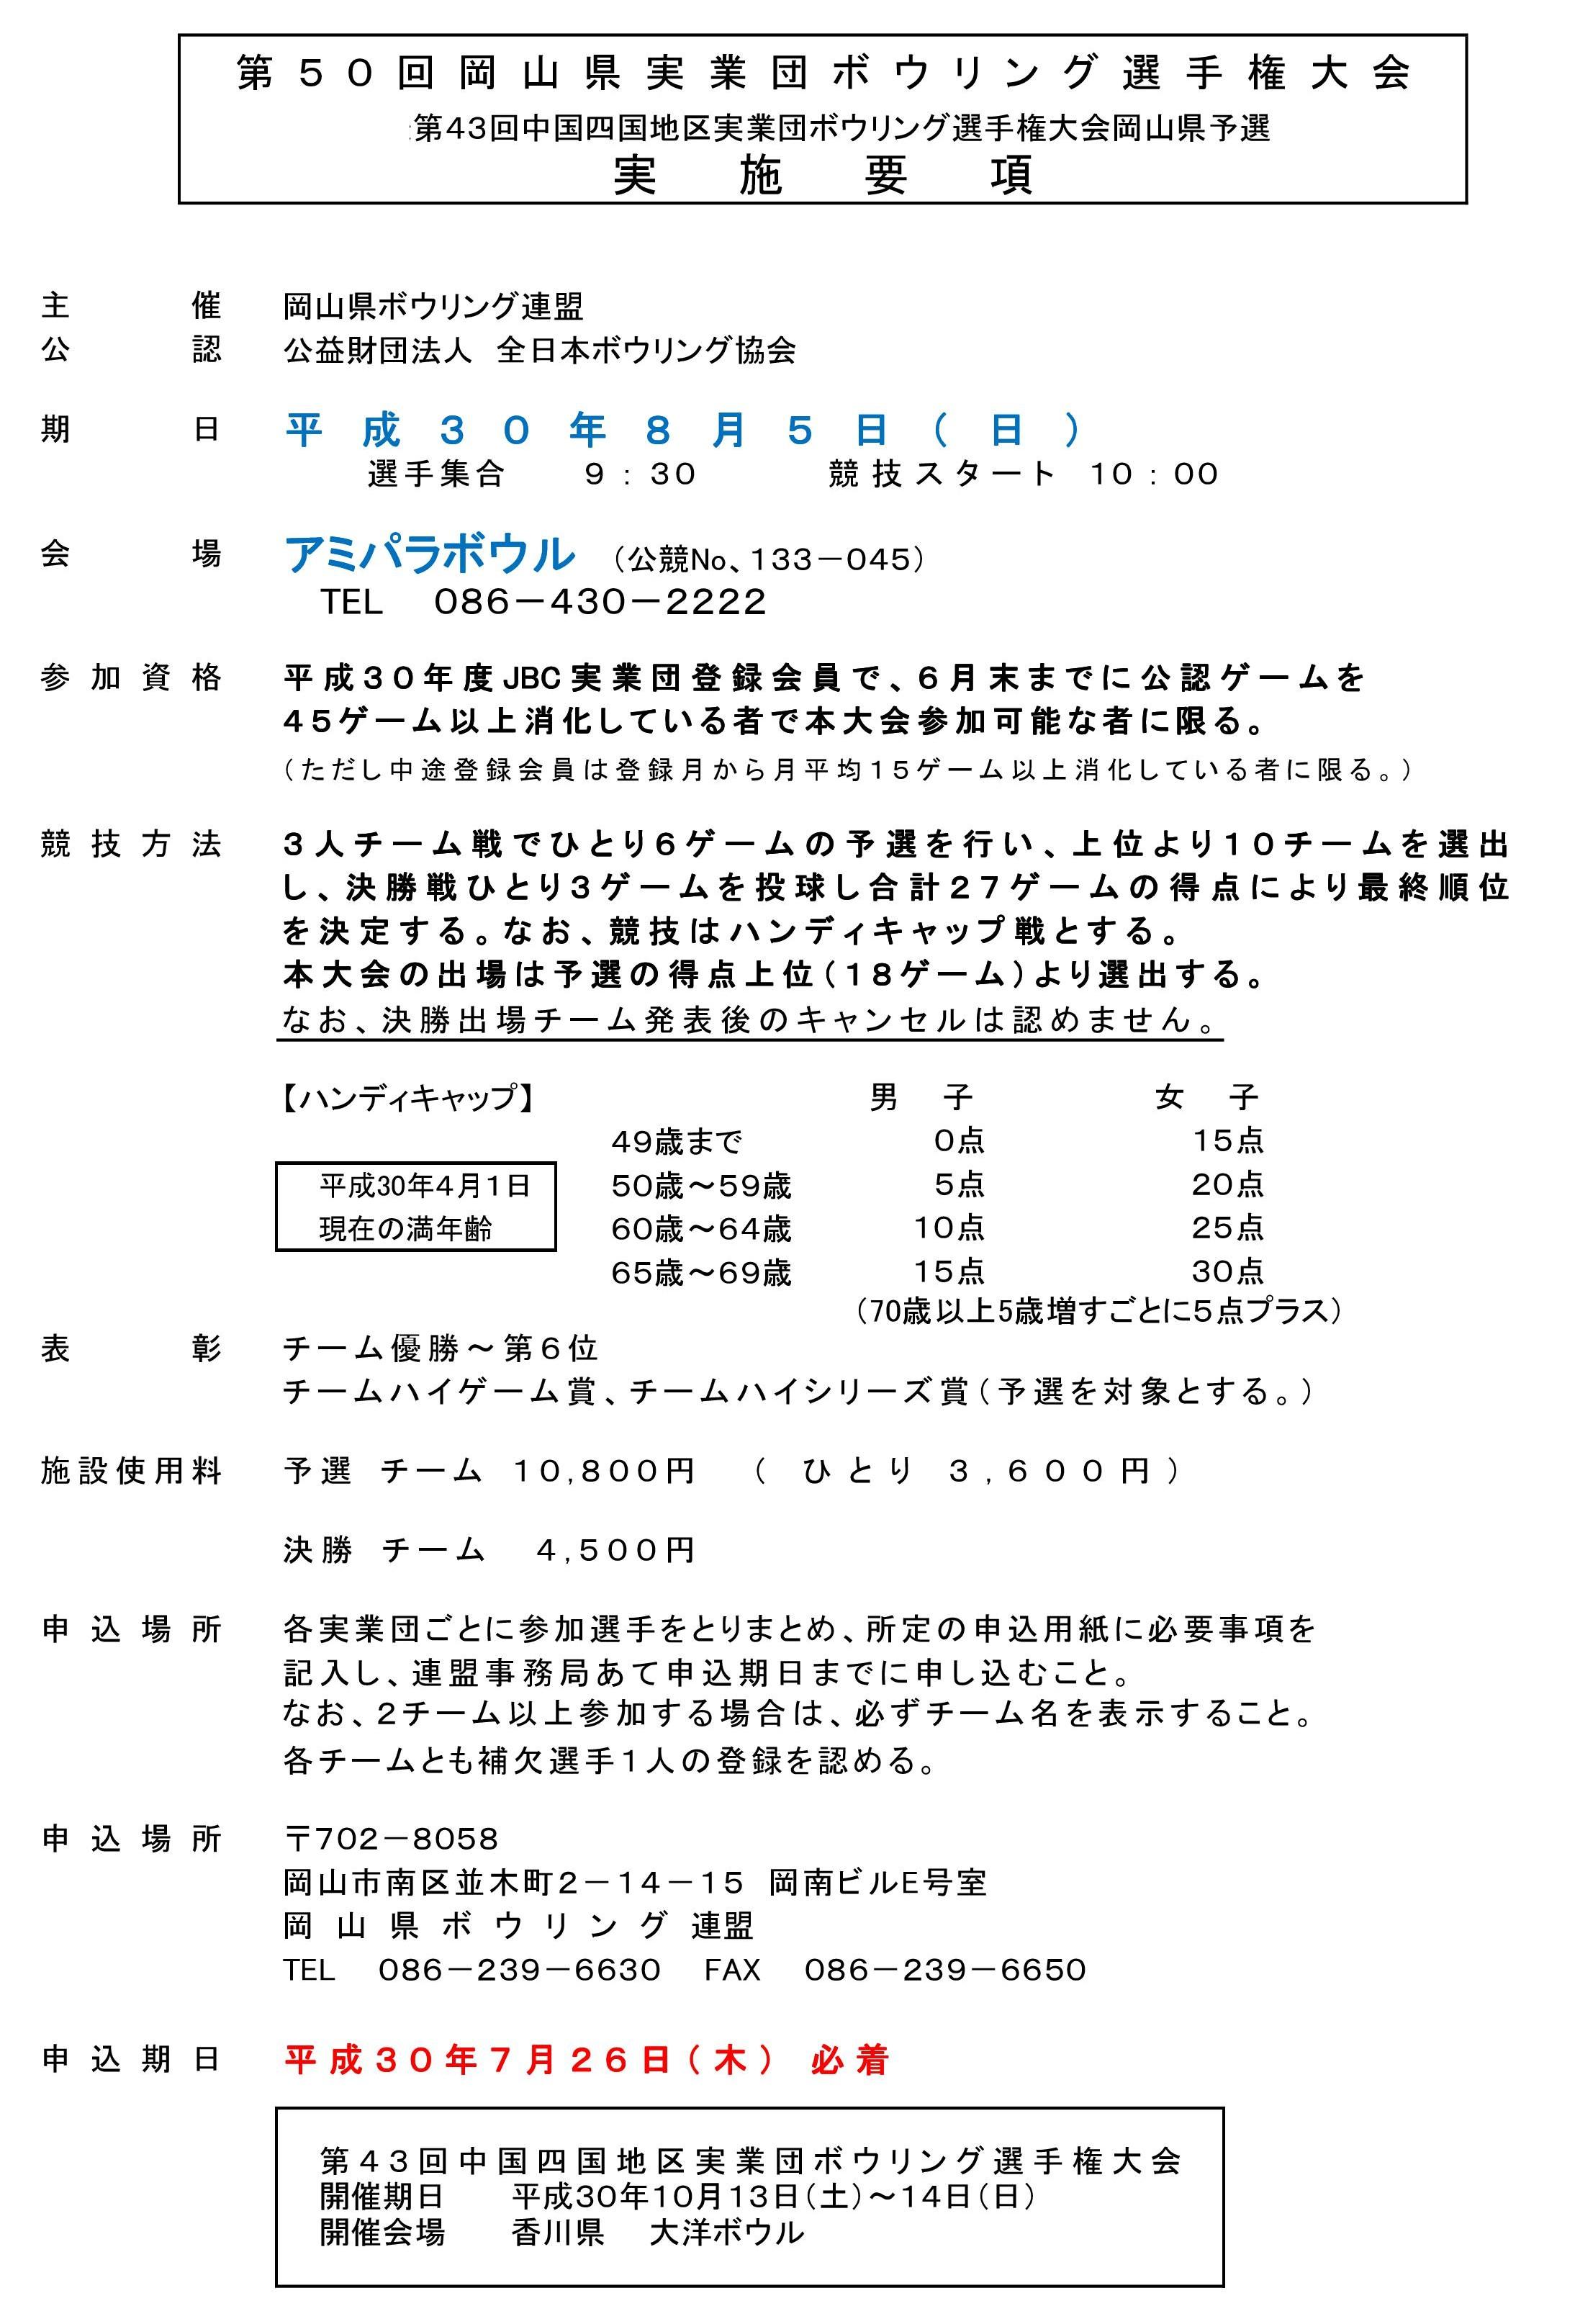 16.岡山県実業団選手権大会.jpg